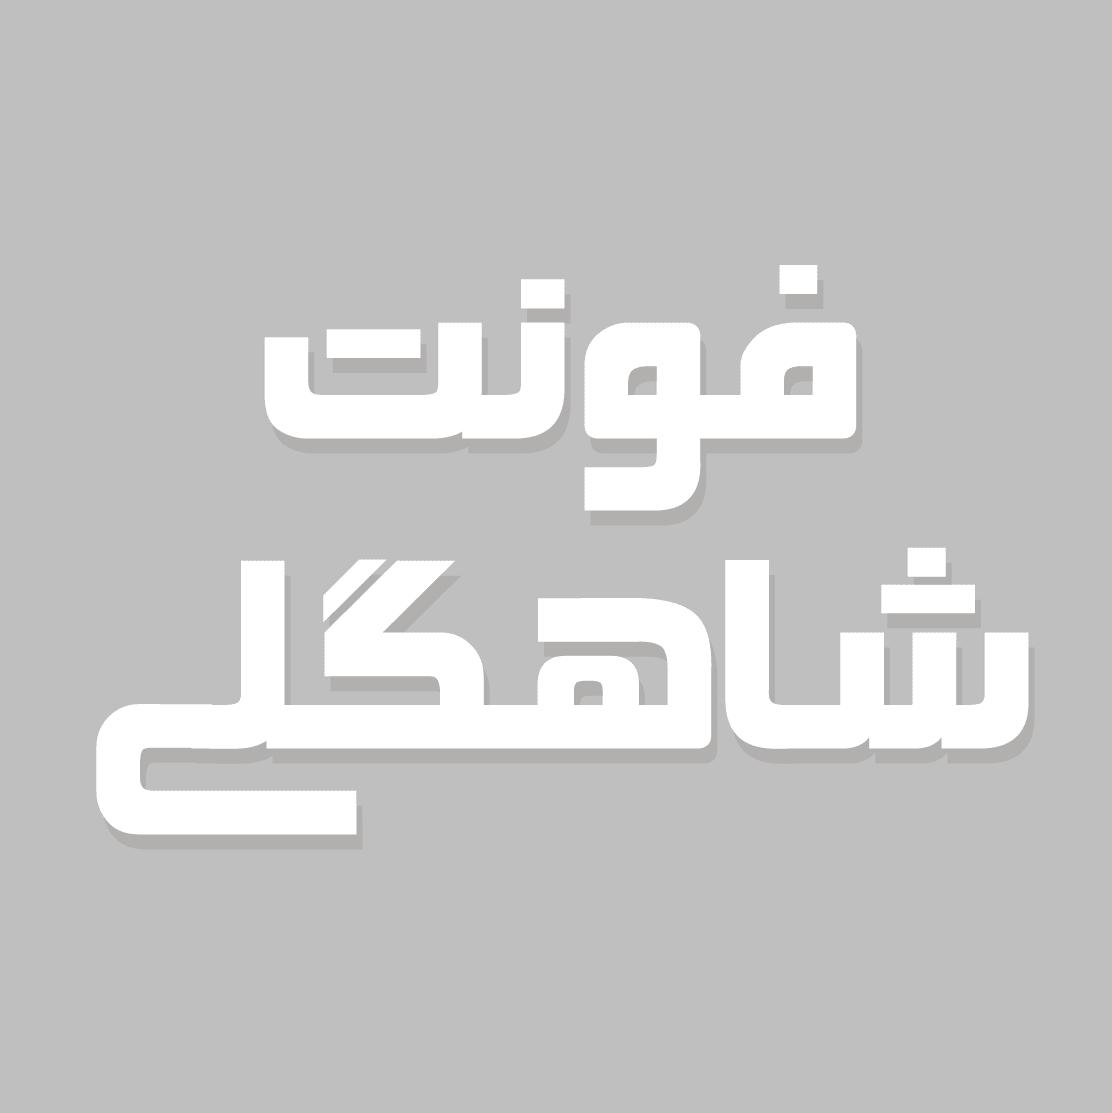 فونت فارسی شاهگلی